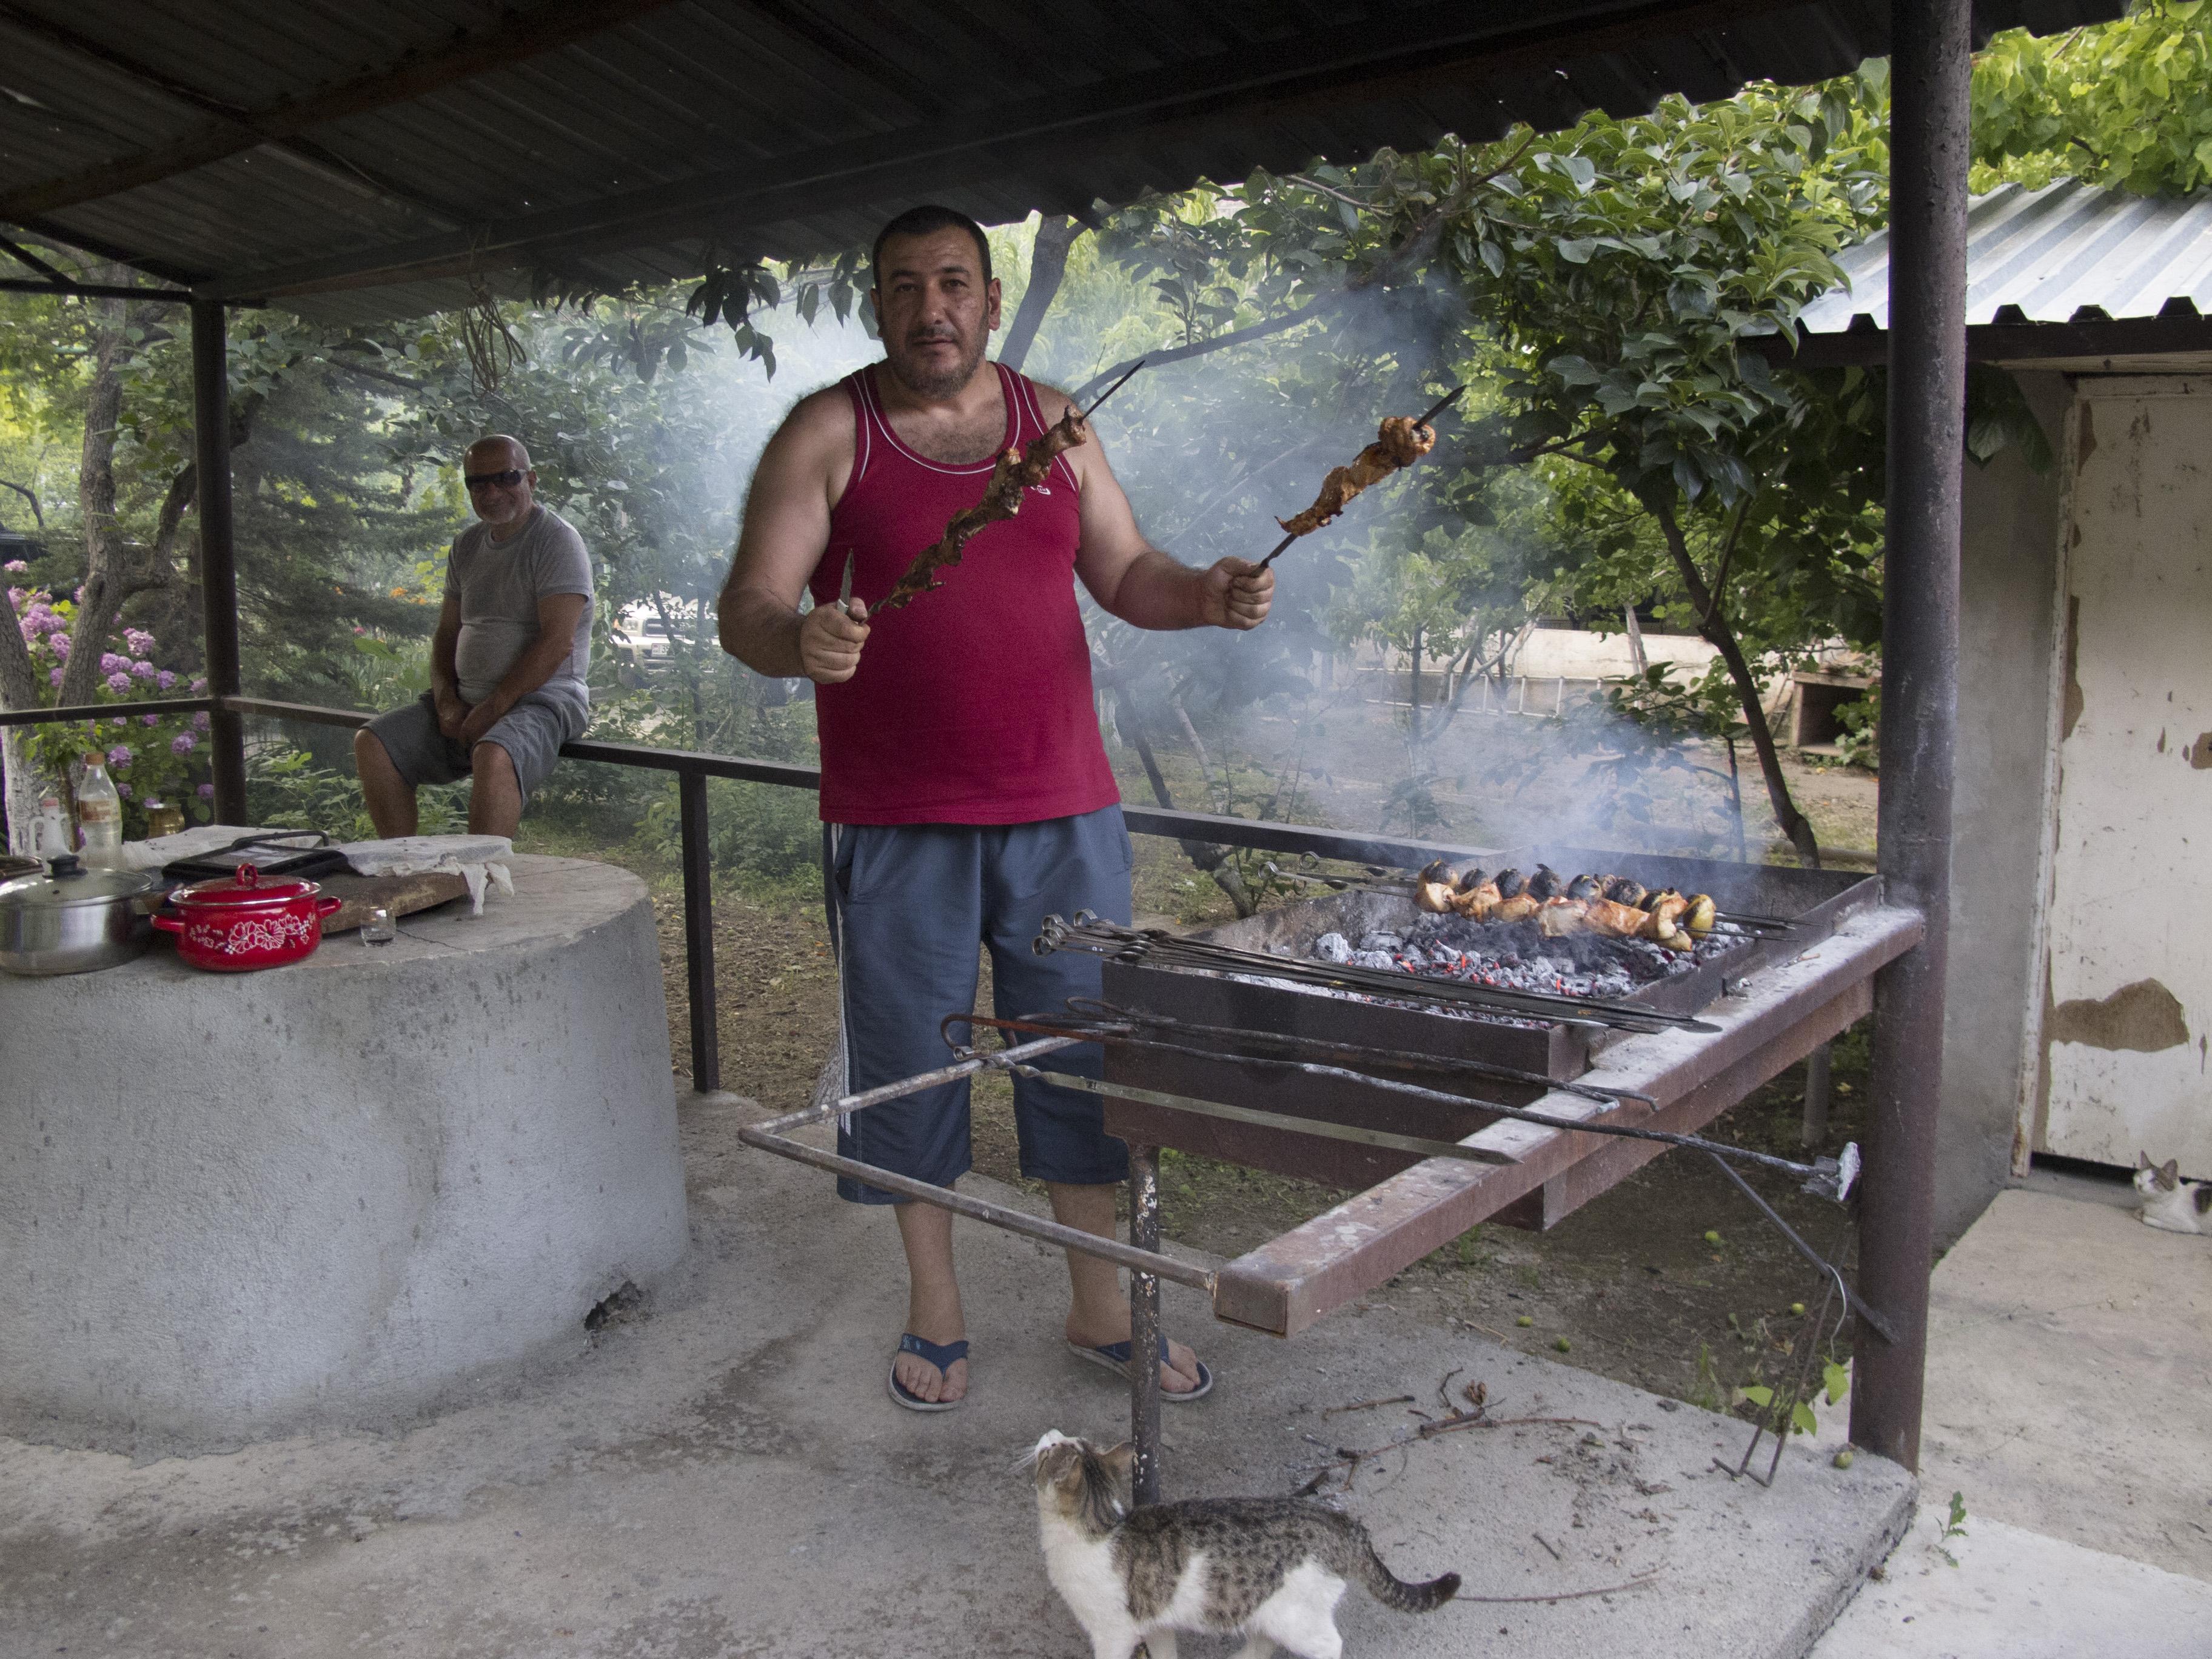 Il barbecue di salmone nei pressi di Jolfajpg